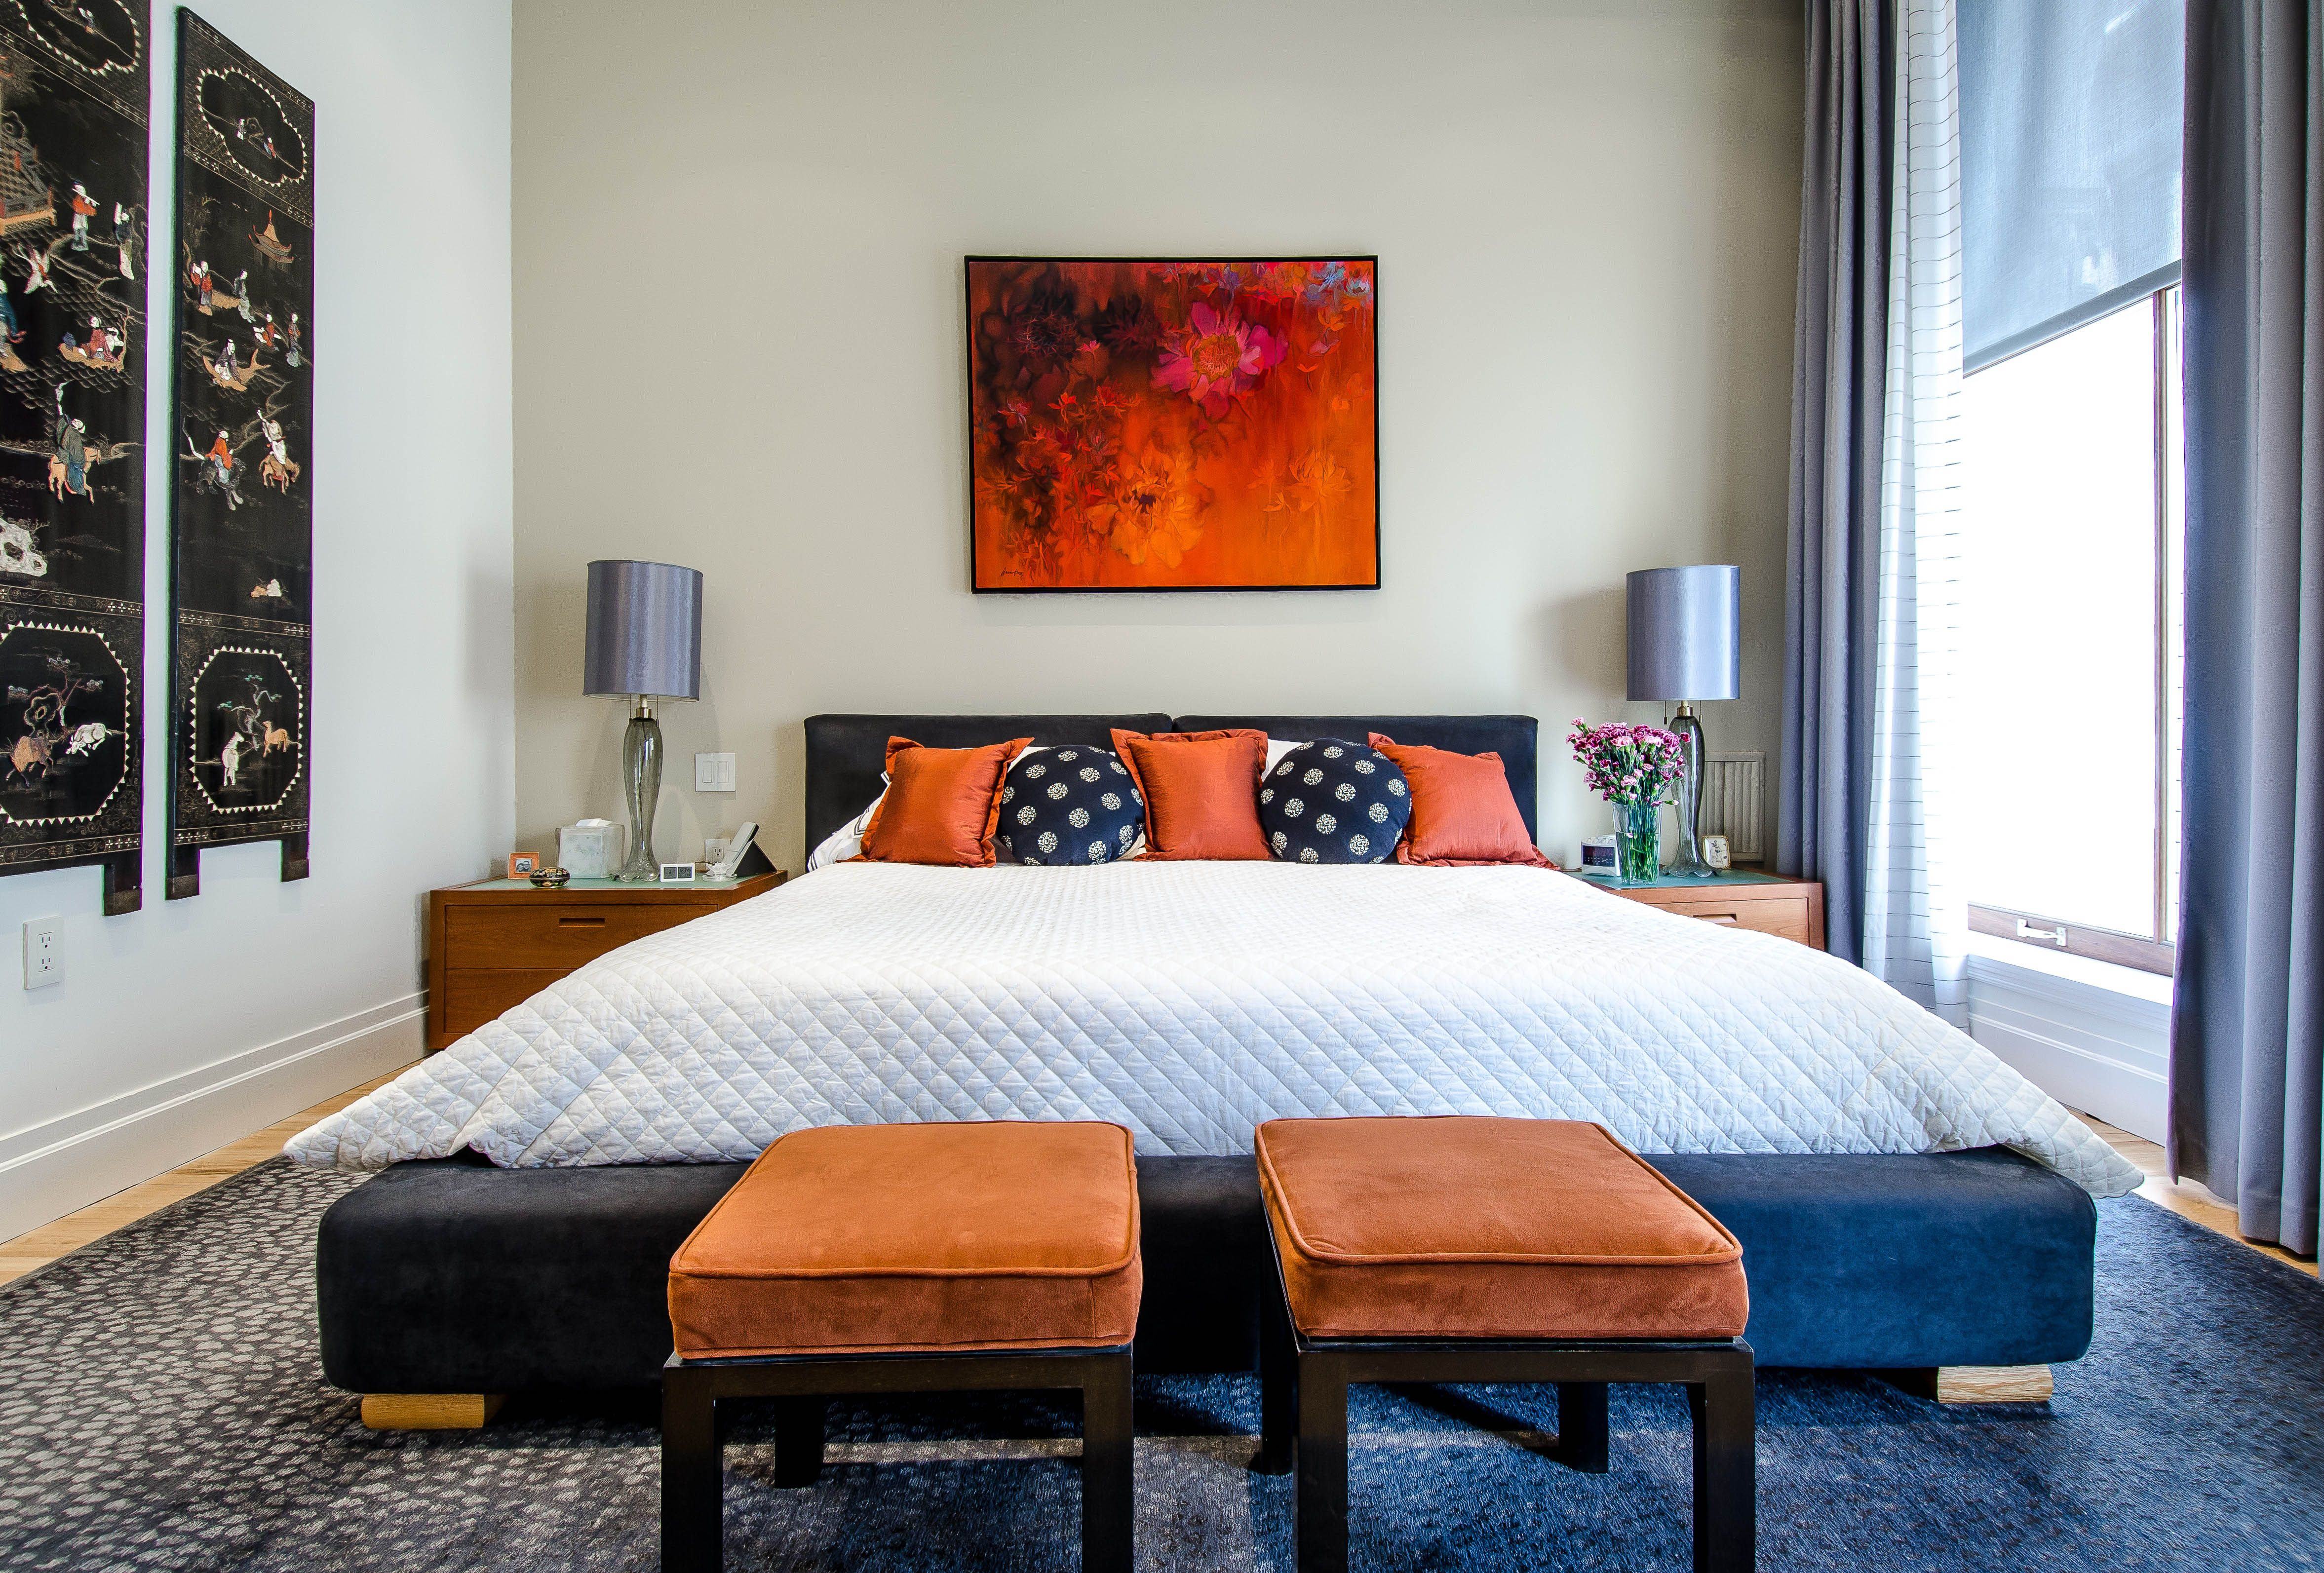 Elegancka Sypialnia Urządzona W Modnym Granatowym Kolorze Z